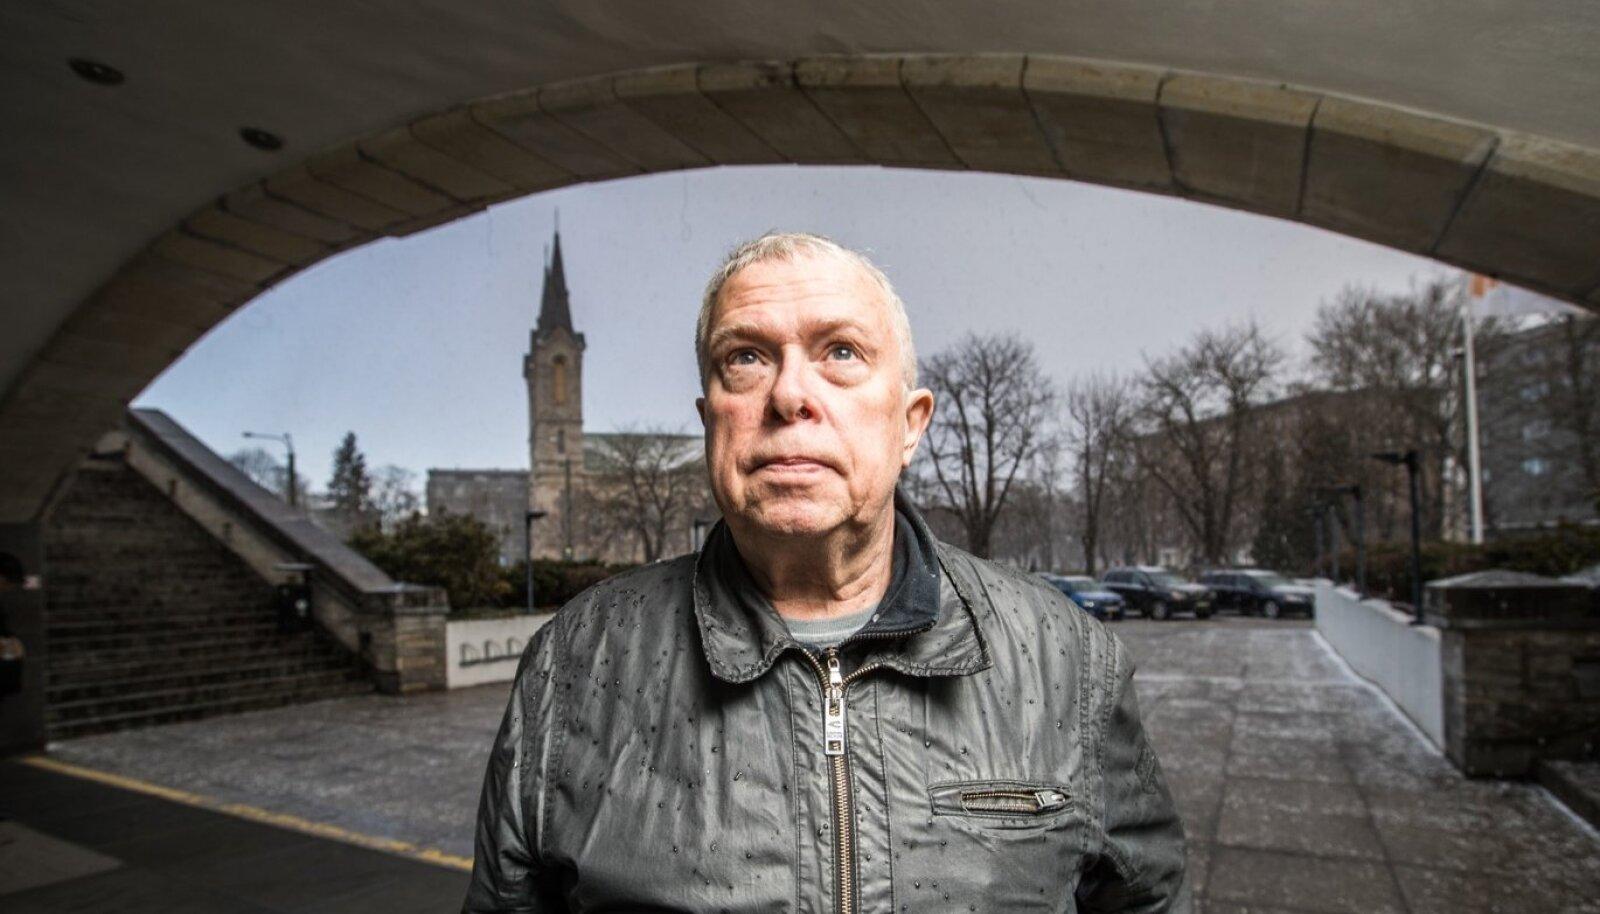 Igor Volke teab, kus seista –  silme ees rahvusraamatukogu,  selja taga plats, kuhu kunagi pandi pronkssõdur;  Kaarli kirik, kusagil seal nurga peal Okupatsioonide Muuseum ja käeulatuses Toompea...  See on tema sõnul väga energeetiline piirkond.